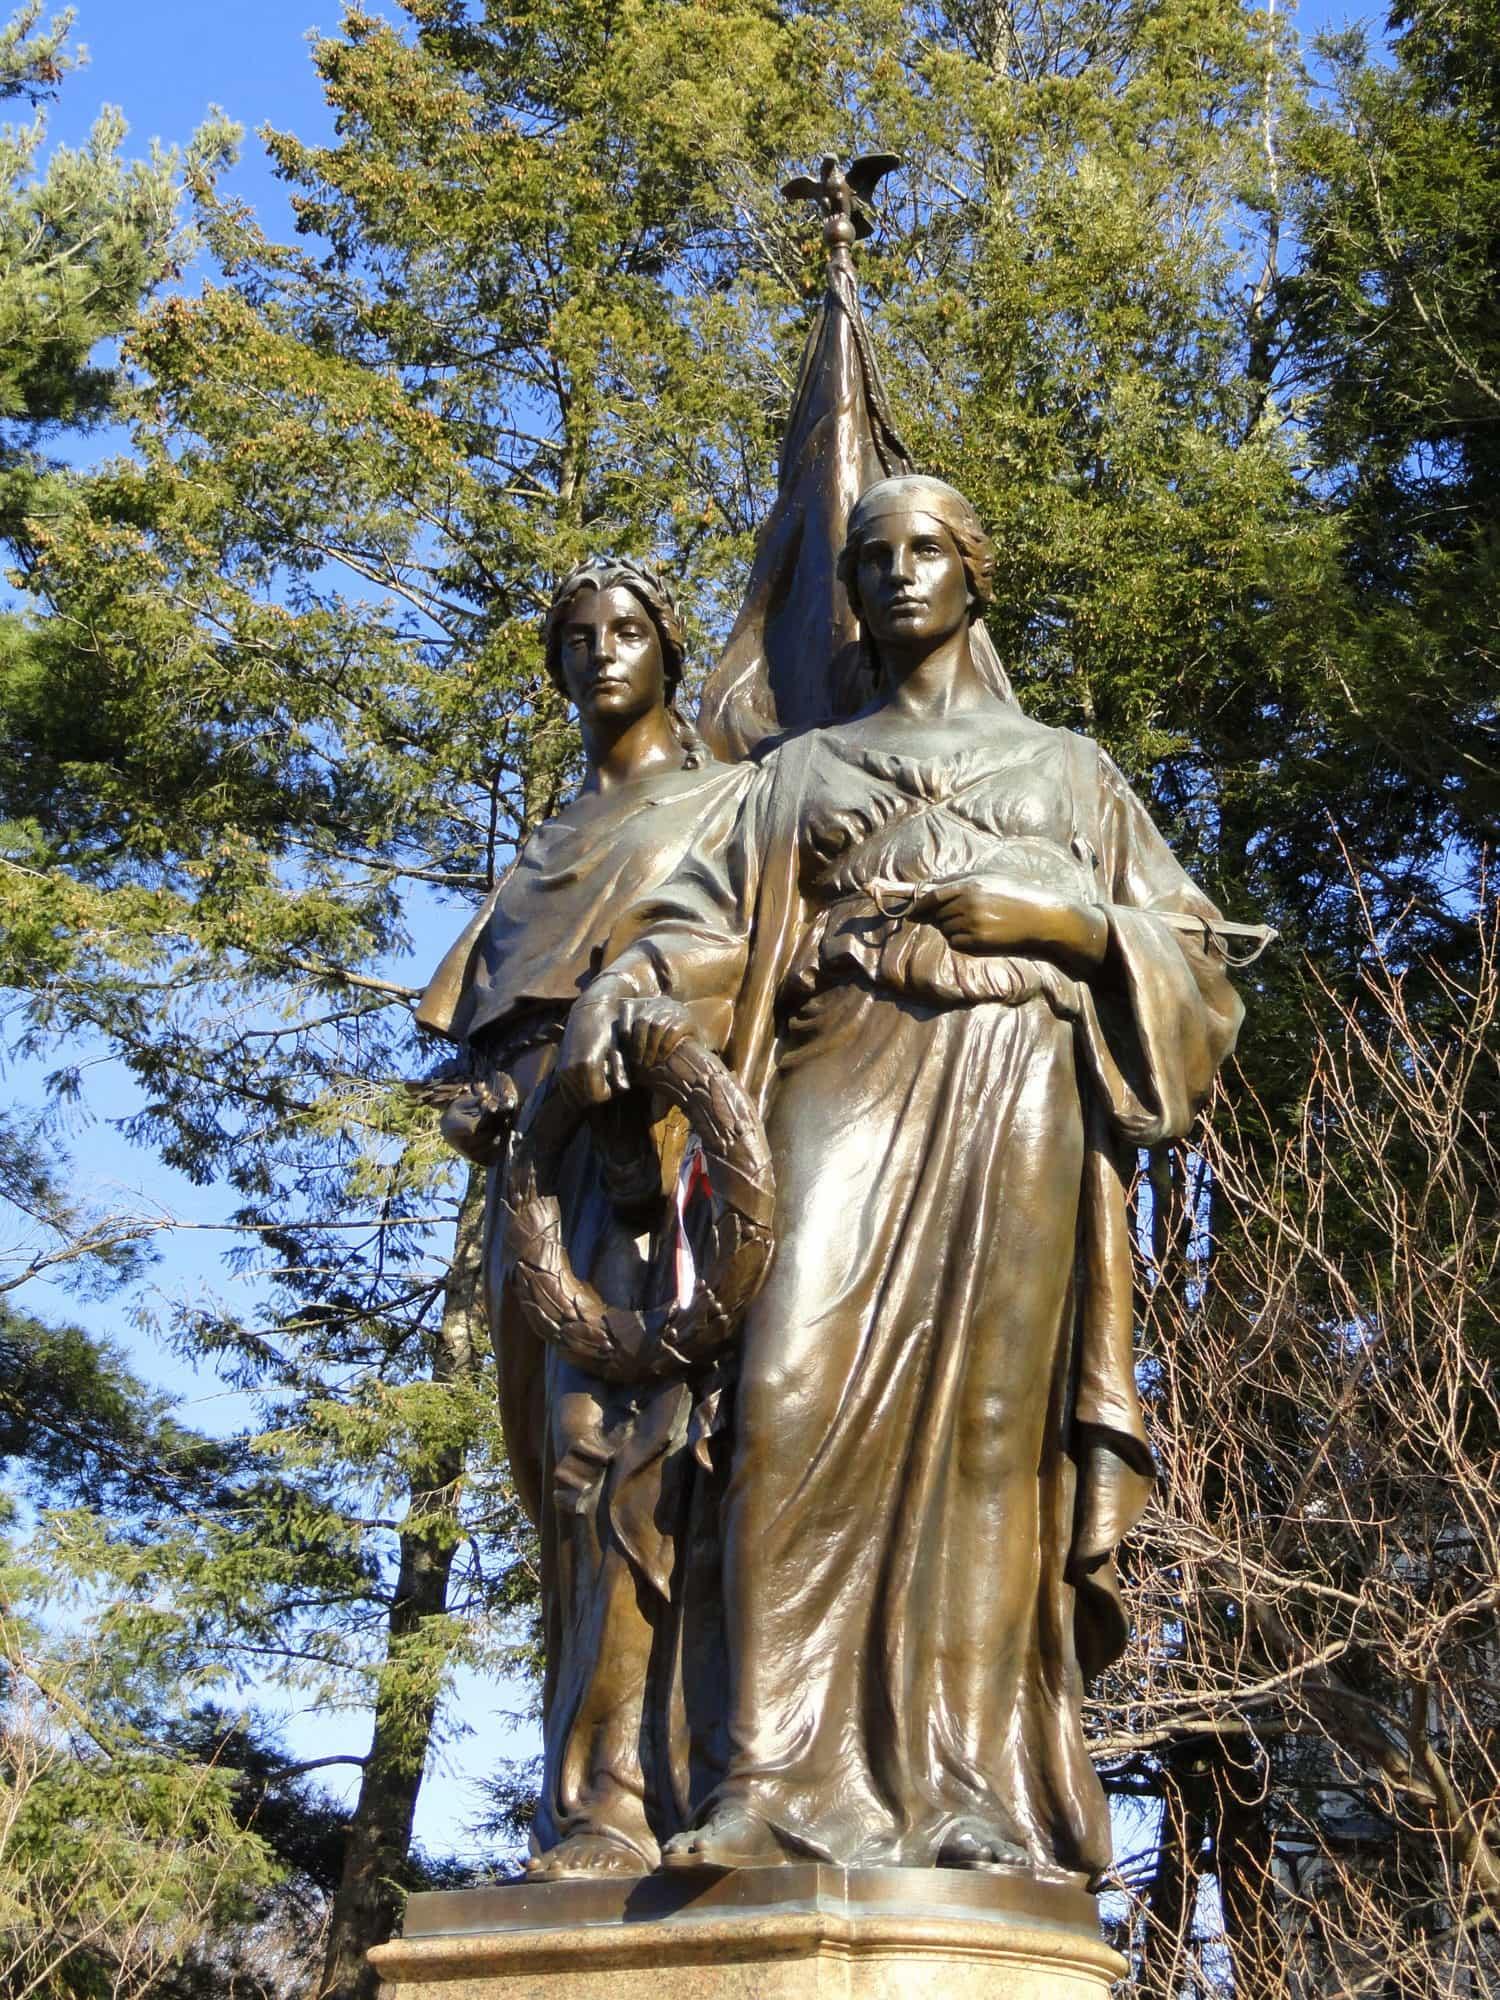 Statue in Winchester MA